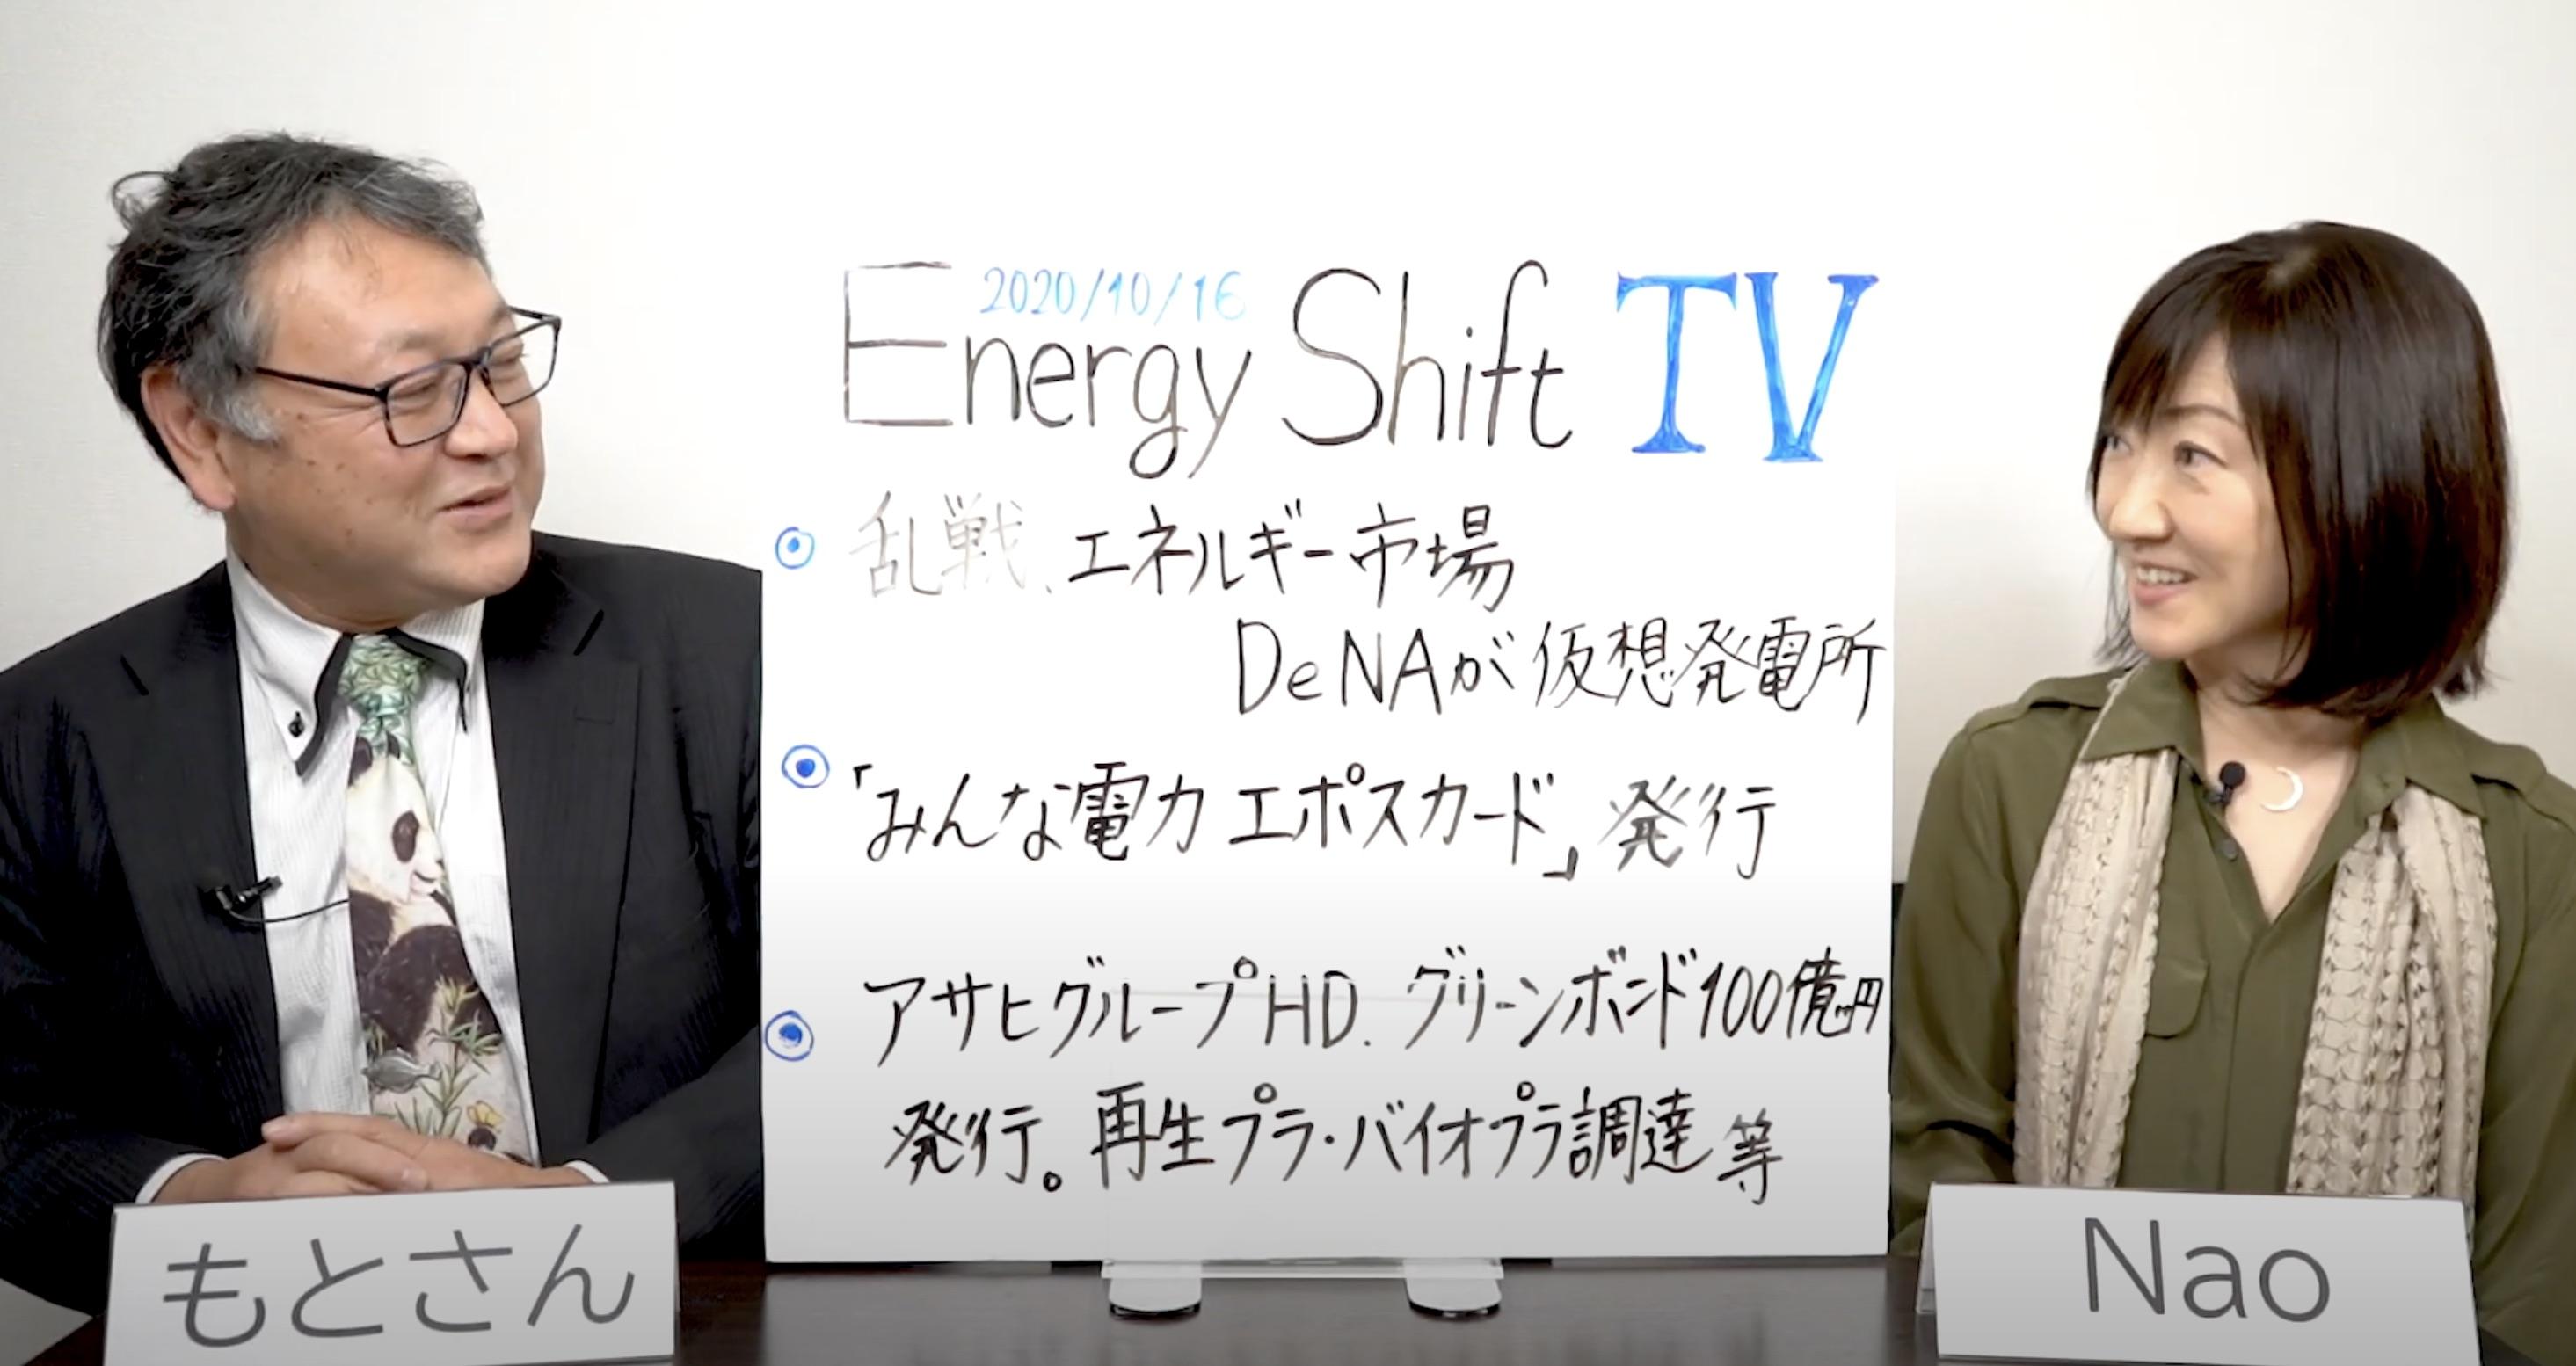 「EUグリーンディールエネルギー関連政策発表」「核のごみ処分場 寿都町長が語った応募の真意」エナシフTV